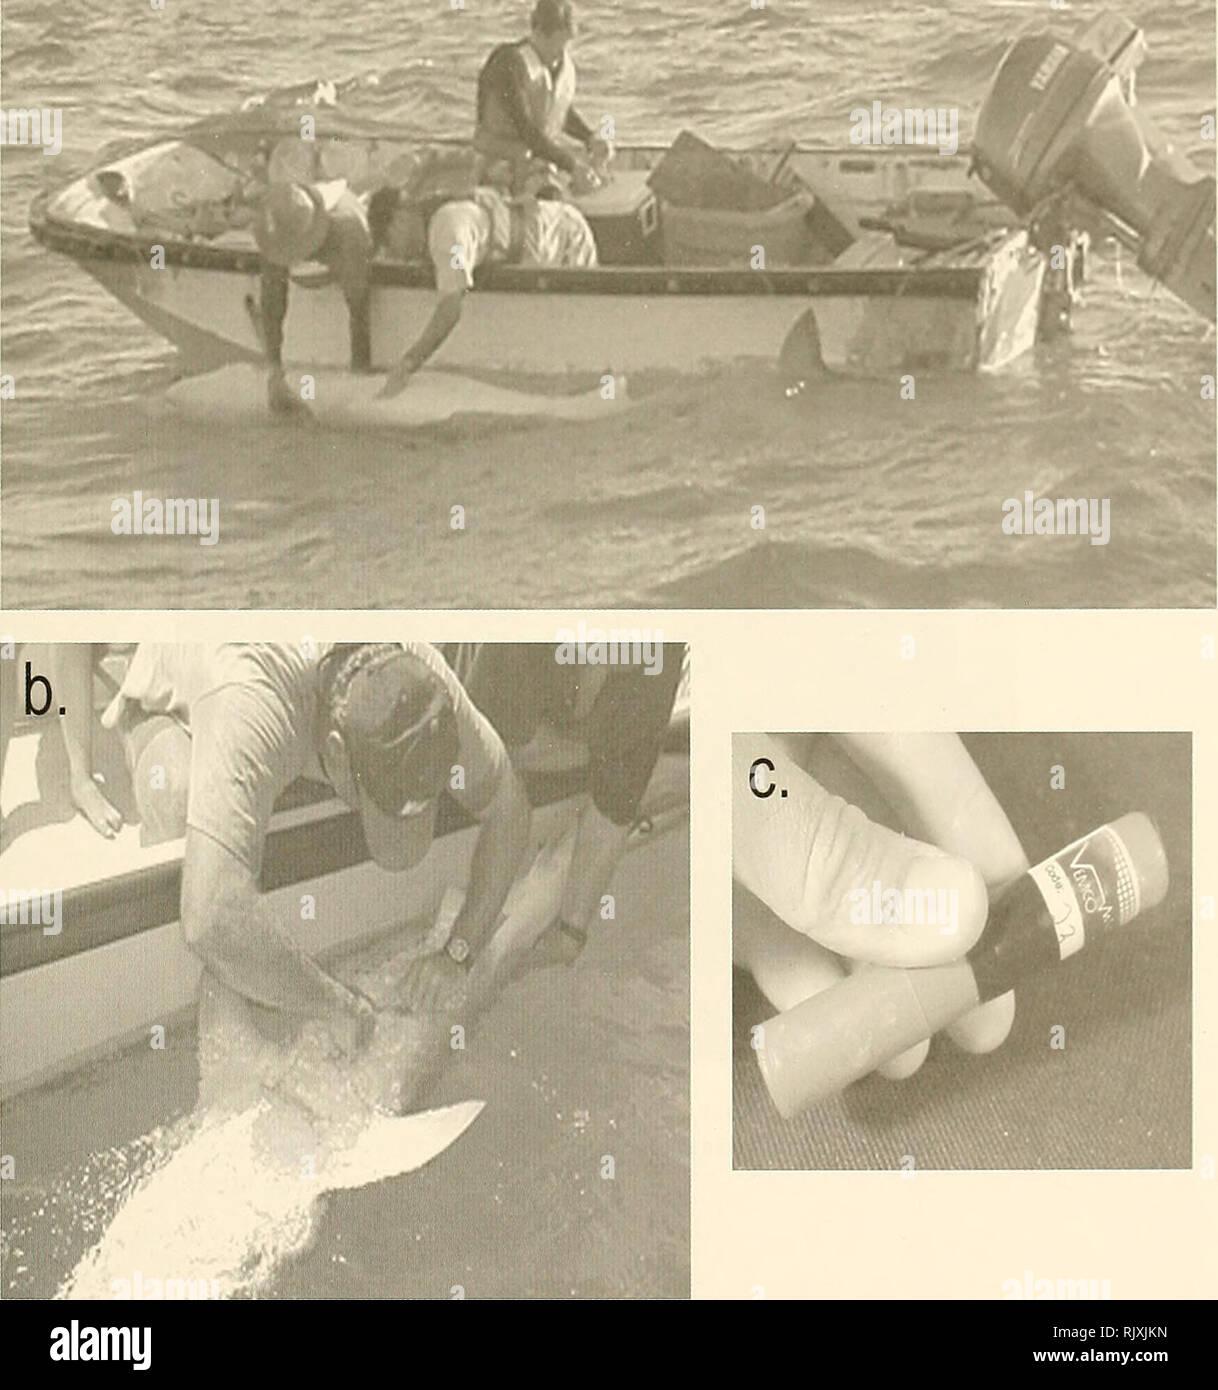 Boston Whaler Stock Photos & Boston Whaler Stock Images - Alamy